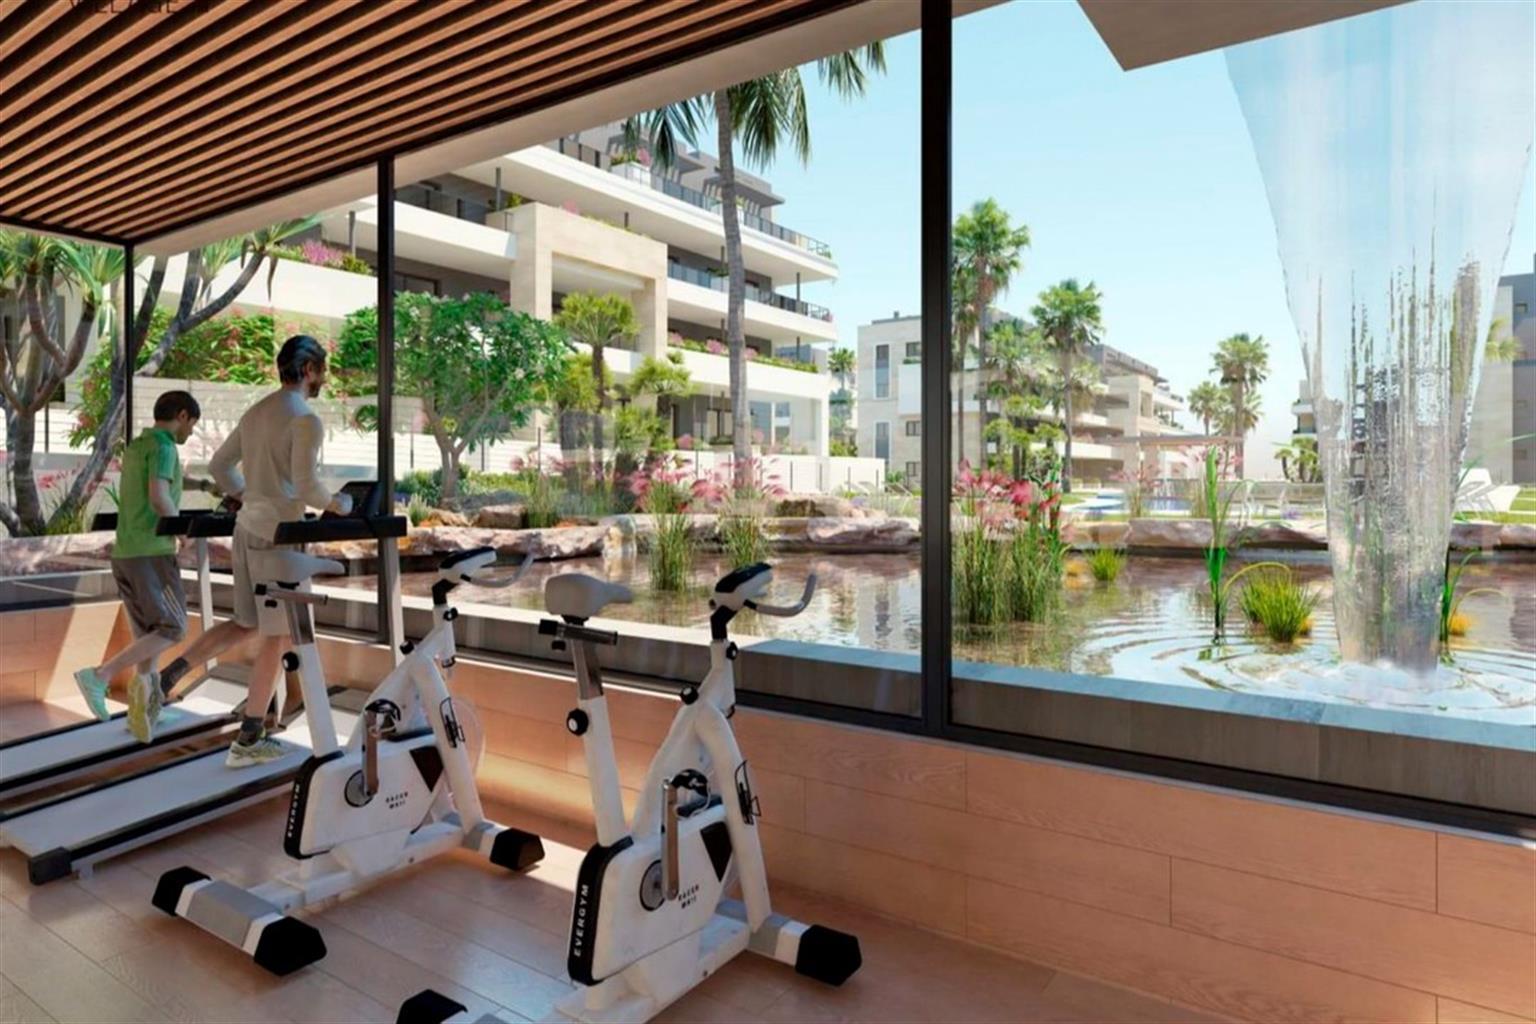 Appartement - Orihuela Costa - #4228409-28